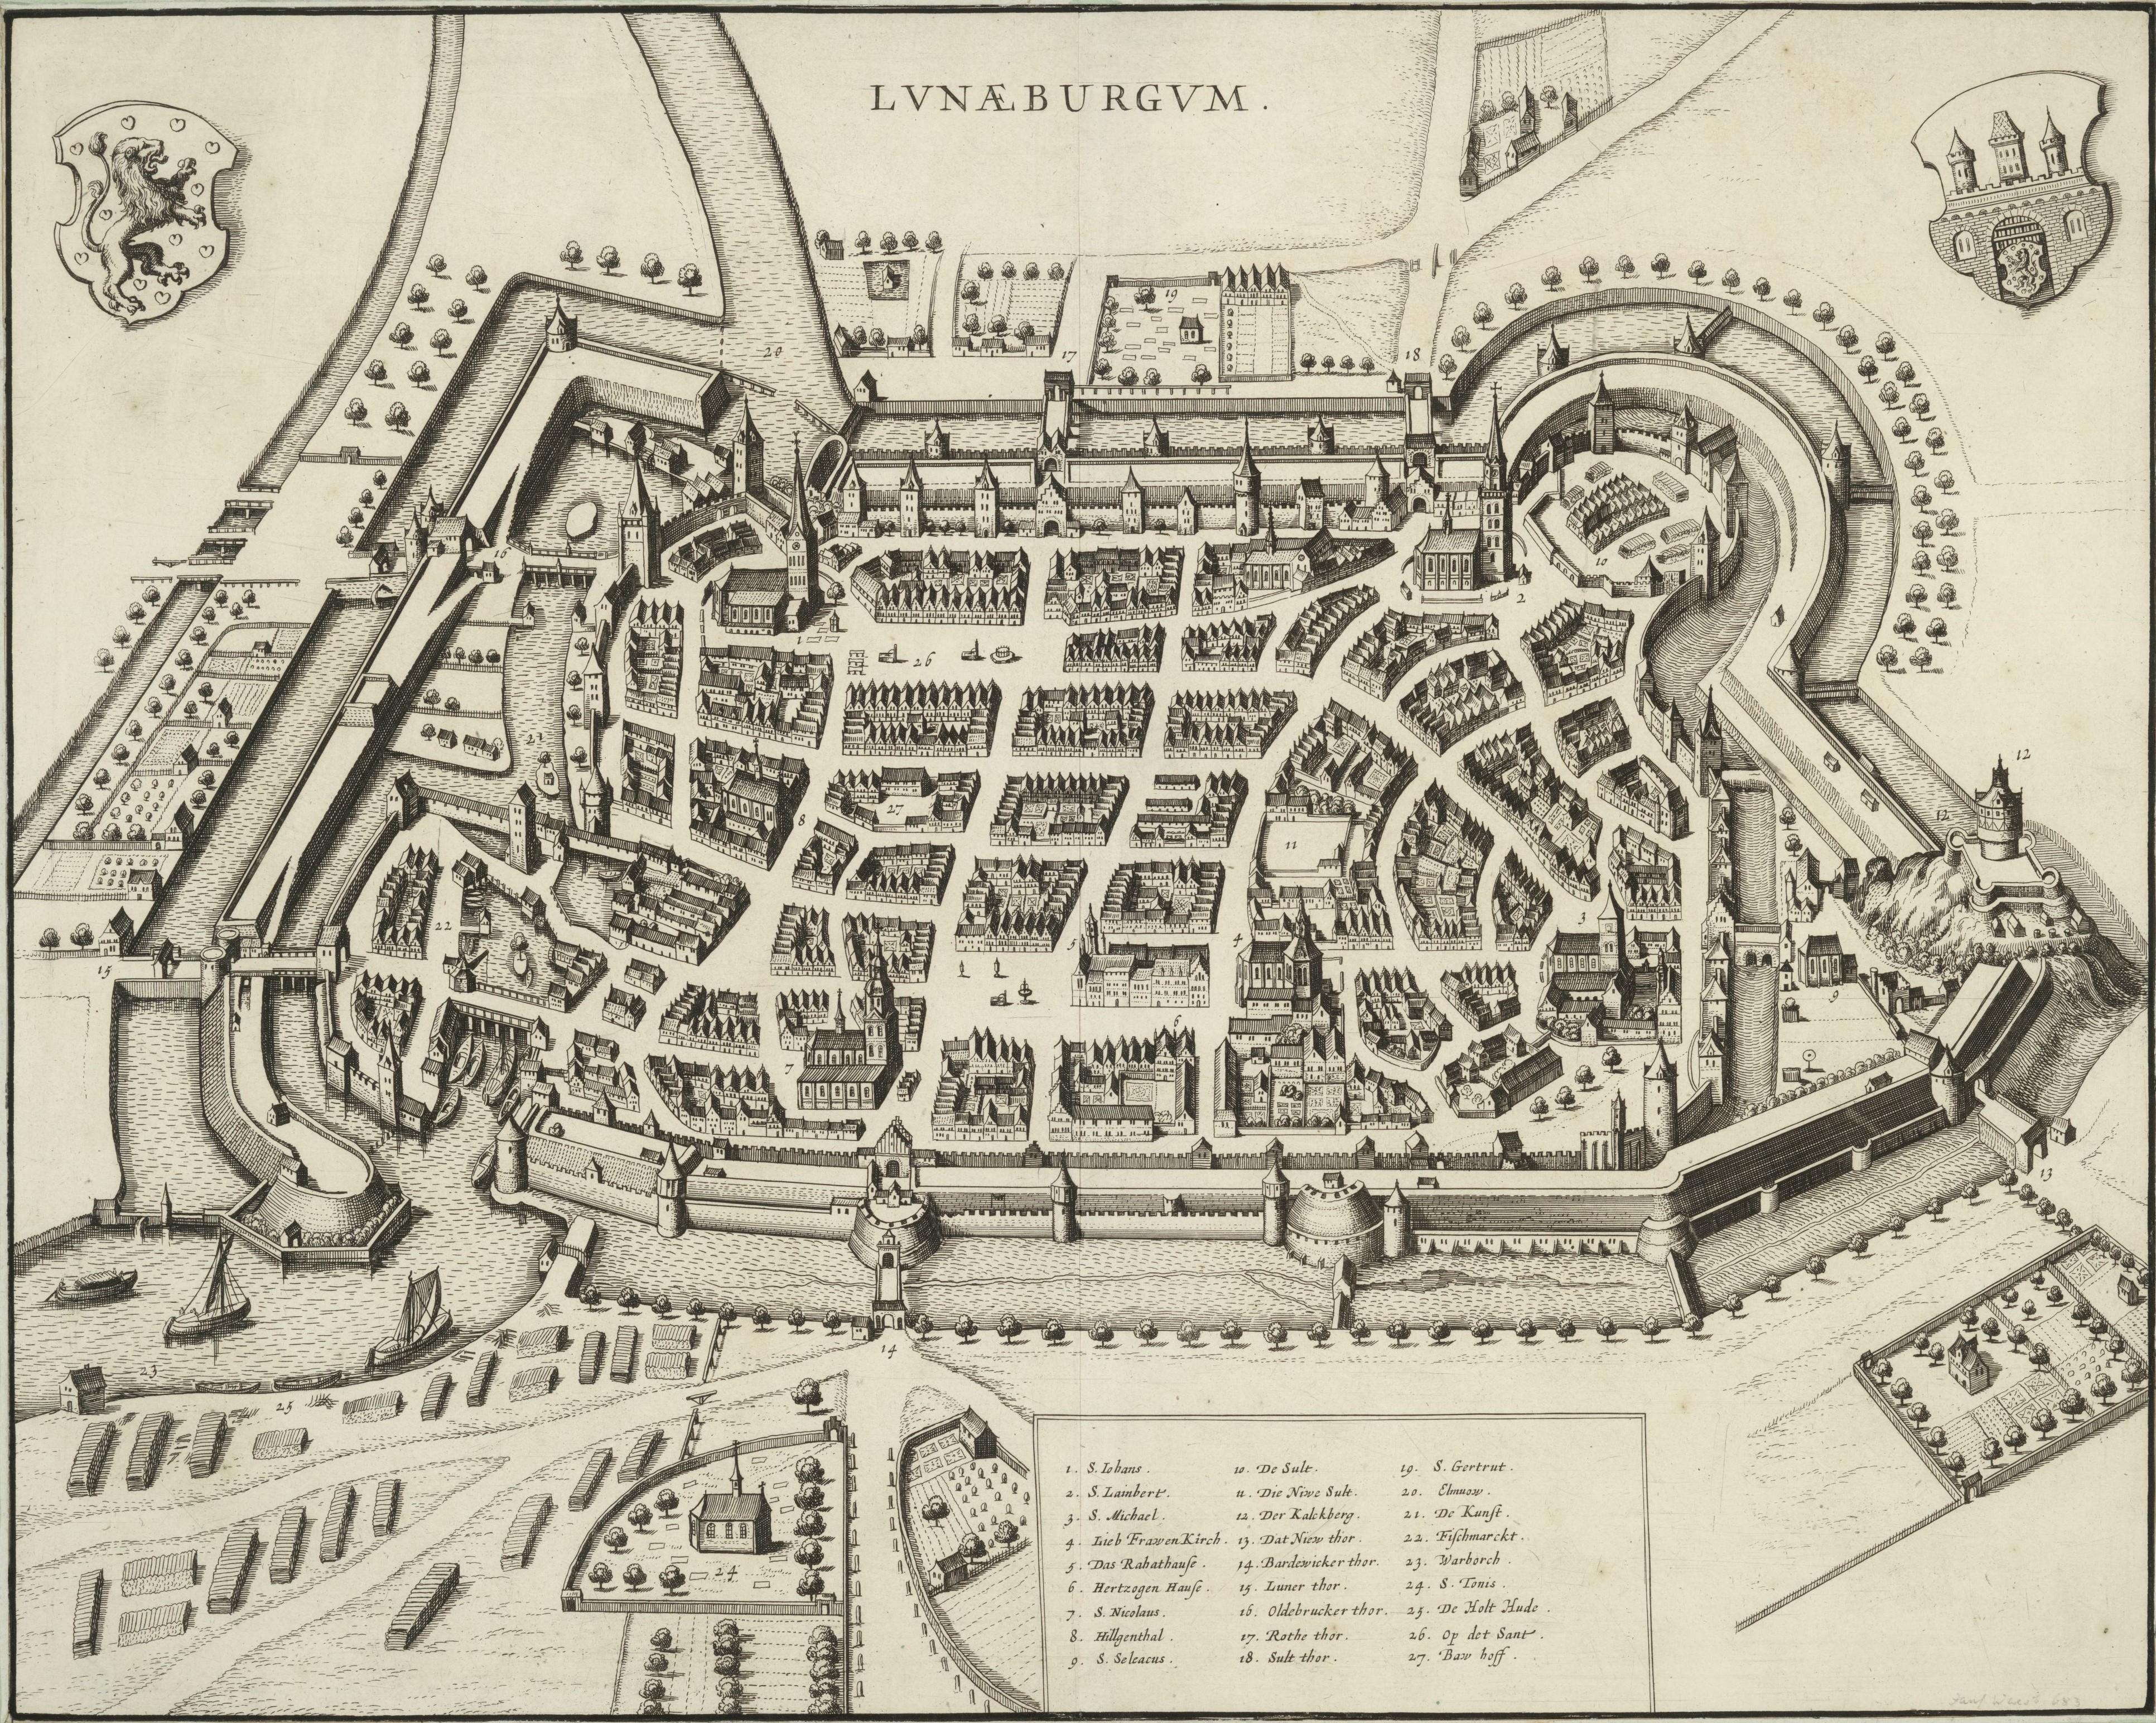 Lüneburg, unas dos décadas antes de la estancia de Bach en esa ciudad: foto de San Miguel en la parte inferior derecha.